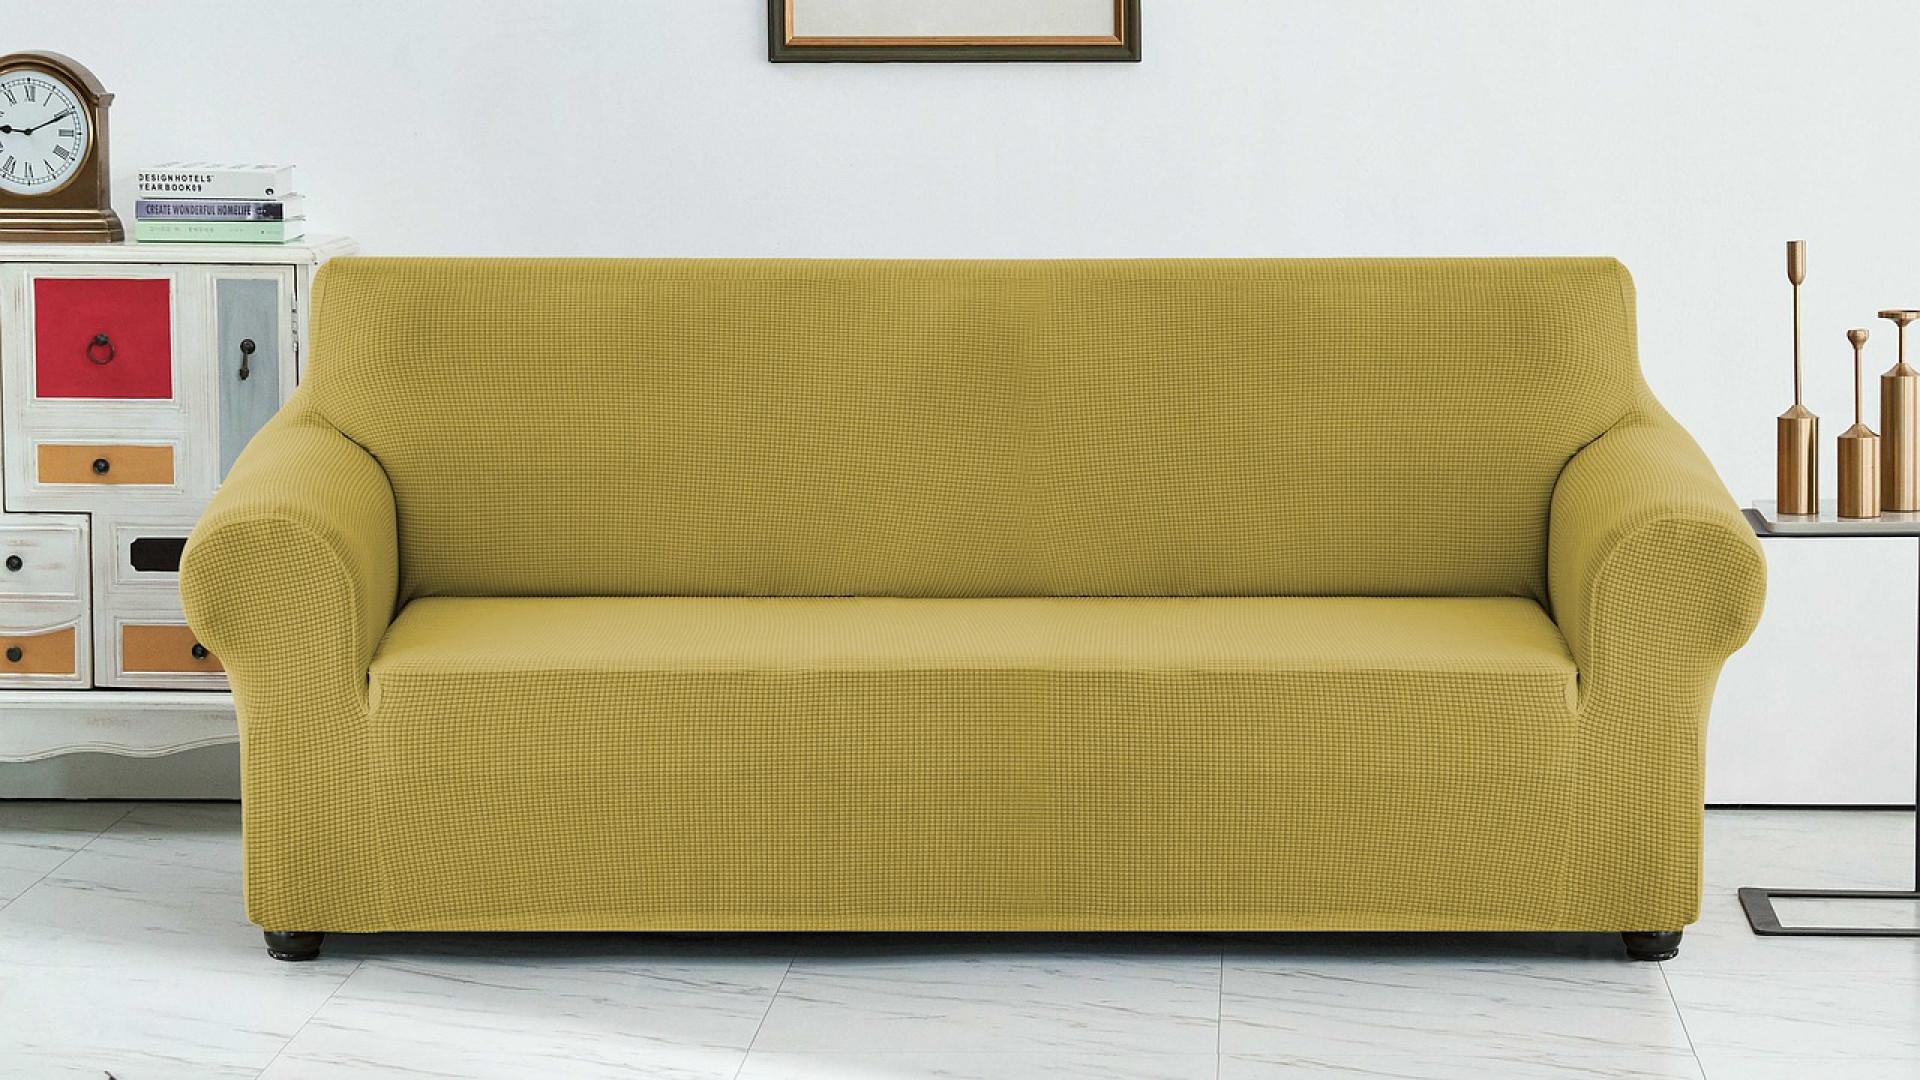 image Comment acheter des meubles pas chers ?